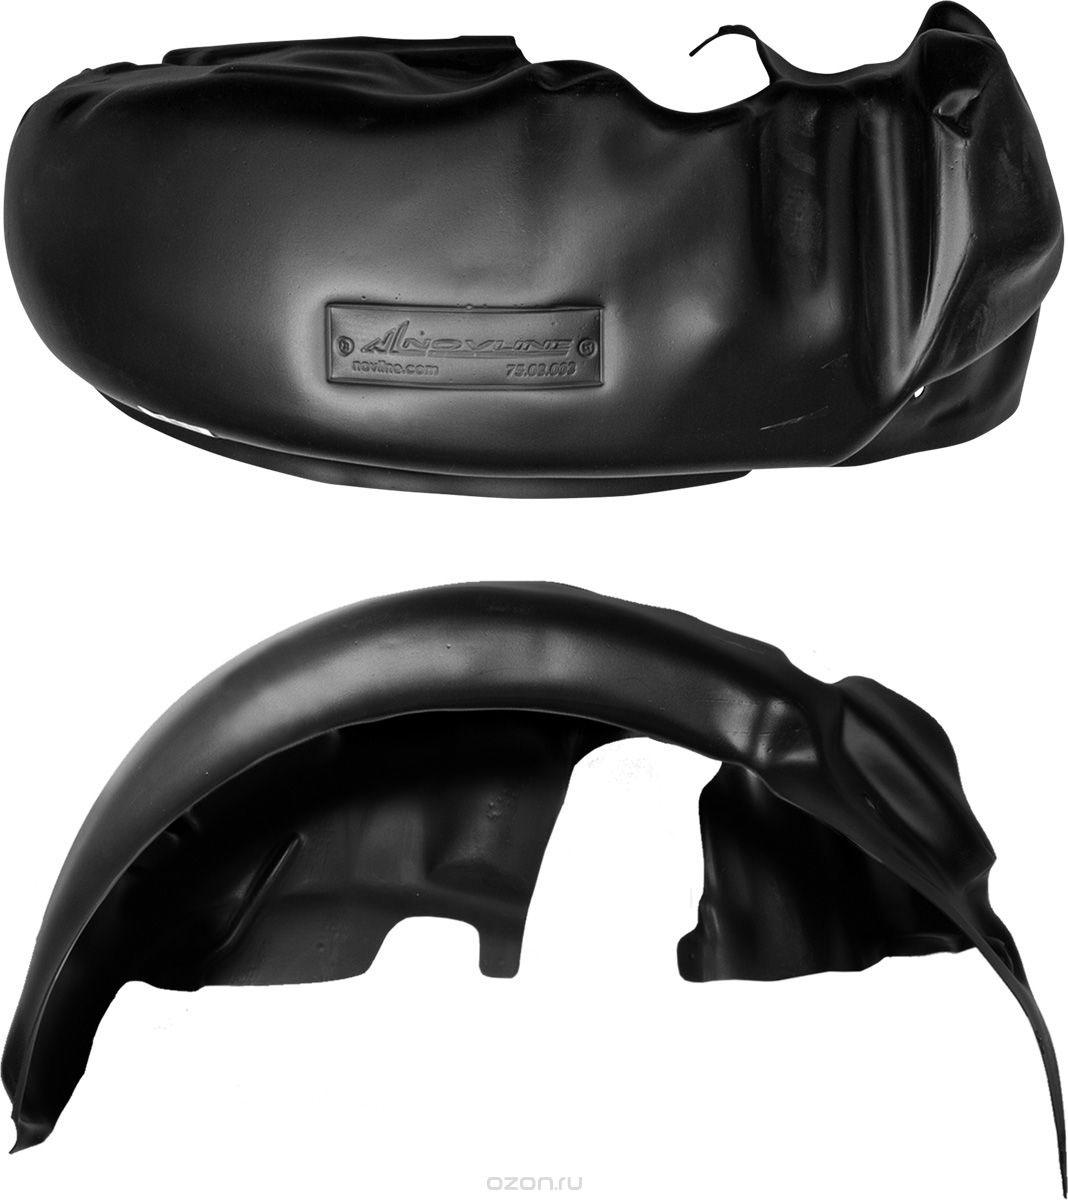 Подкрылок Novline-Autofamily, для Toyota Avensis, 2009->, передний правыйNLL.48.19.002Идеальная защита колесной ниши. Локеры разработаны с применением цифровых технологий, гарантируют максимальную повторяемость поверхности арки. Изделия устанавливаются без нарушения лакокрасочного покрытия автомобиля, каждый подкрылок комплектуется крепежом. Уважаемые клиенты, обращаем ваше внимание, что фотографии на подкрылки универсальные и не отражают реальную форму изделия. При этом само изделие идет точно под размер указанного автомобиля.